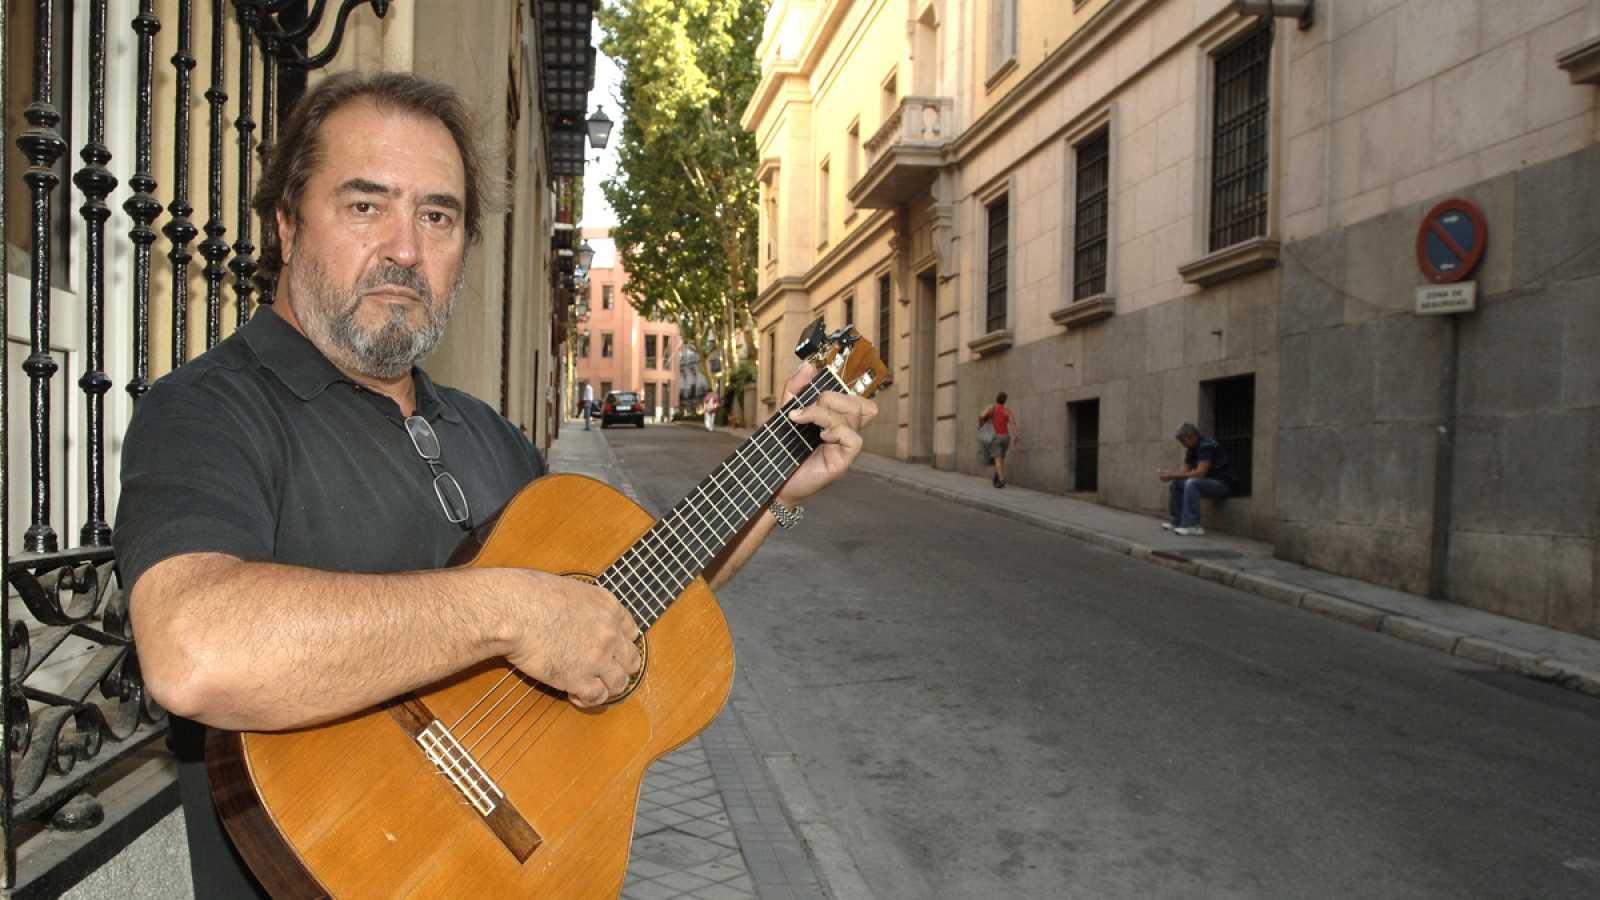 El cantautor, músico y actor Patxi Andión, en una imagen de archivo de 2009